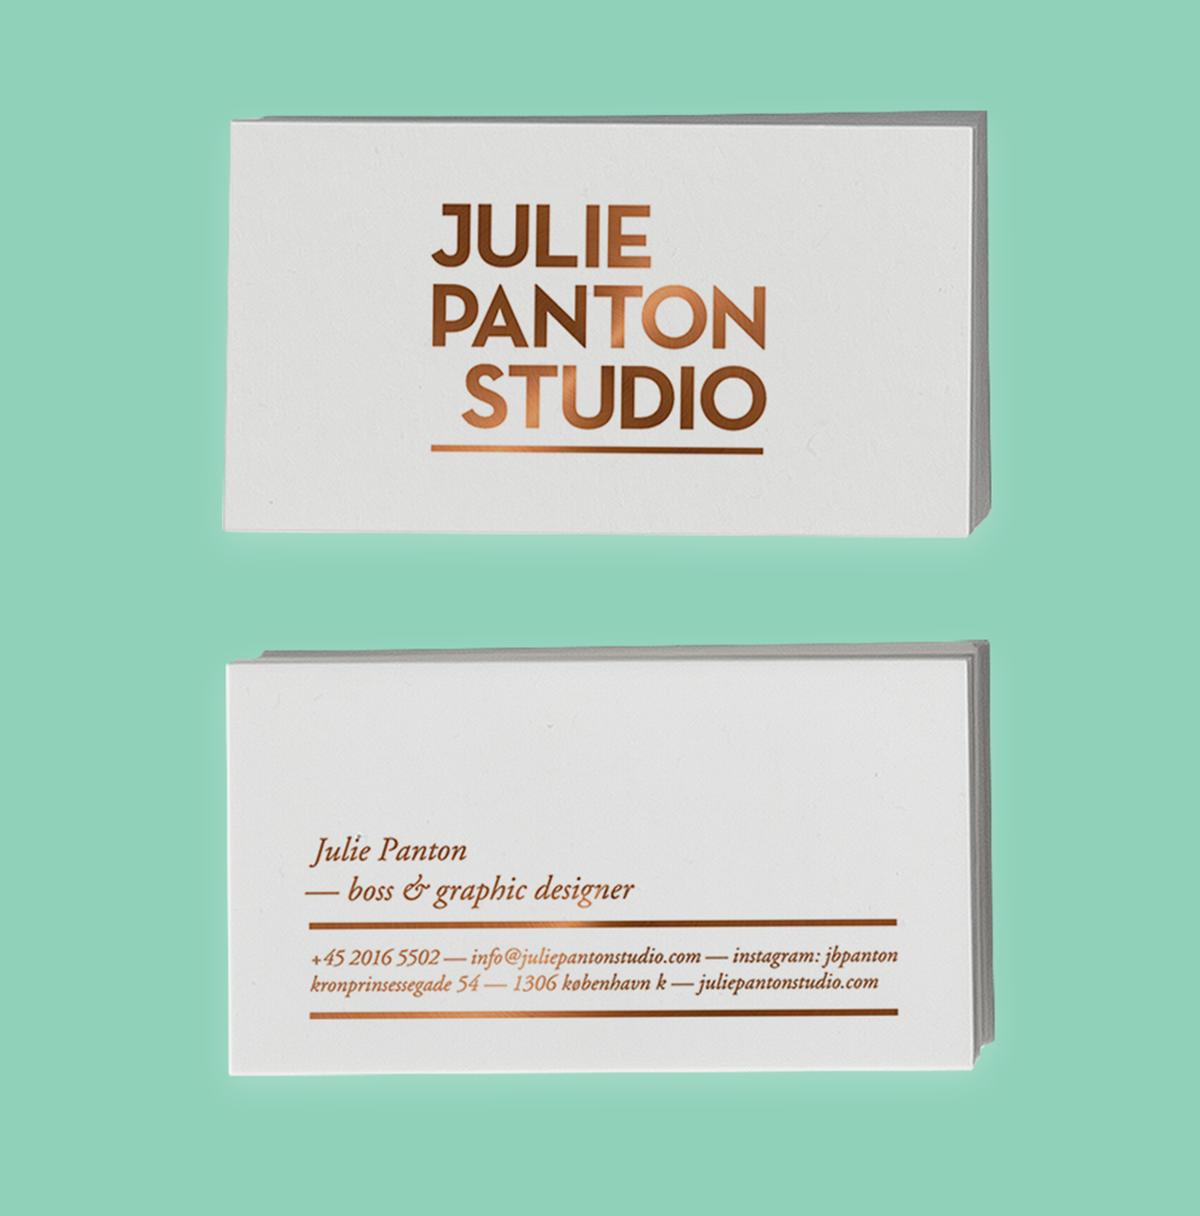 JULIE_PANTON_STUDIO_businesscards_mock_up_V3.png